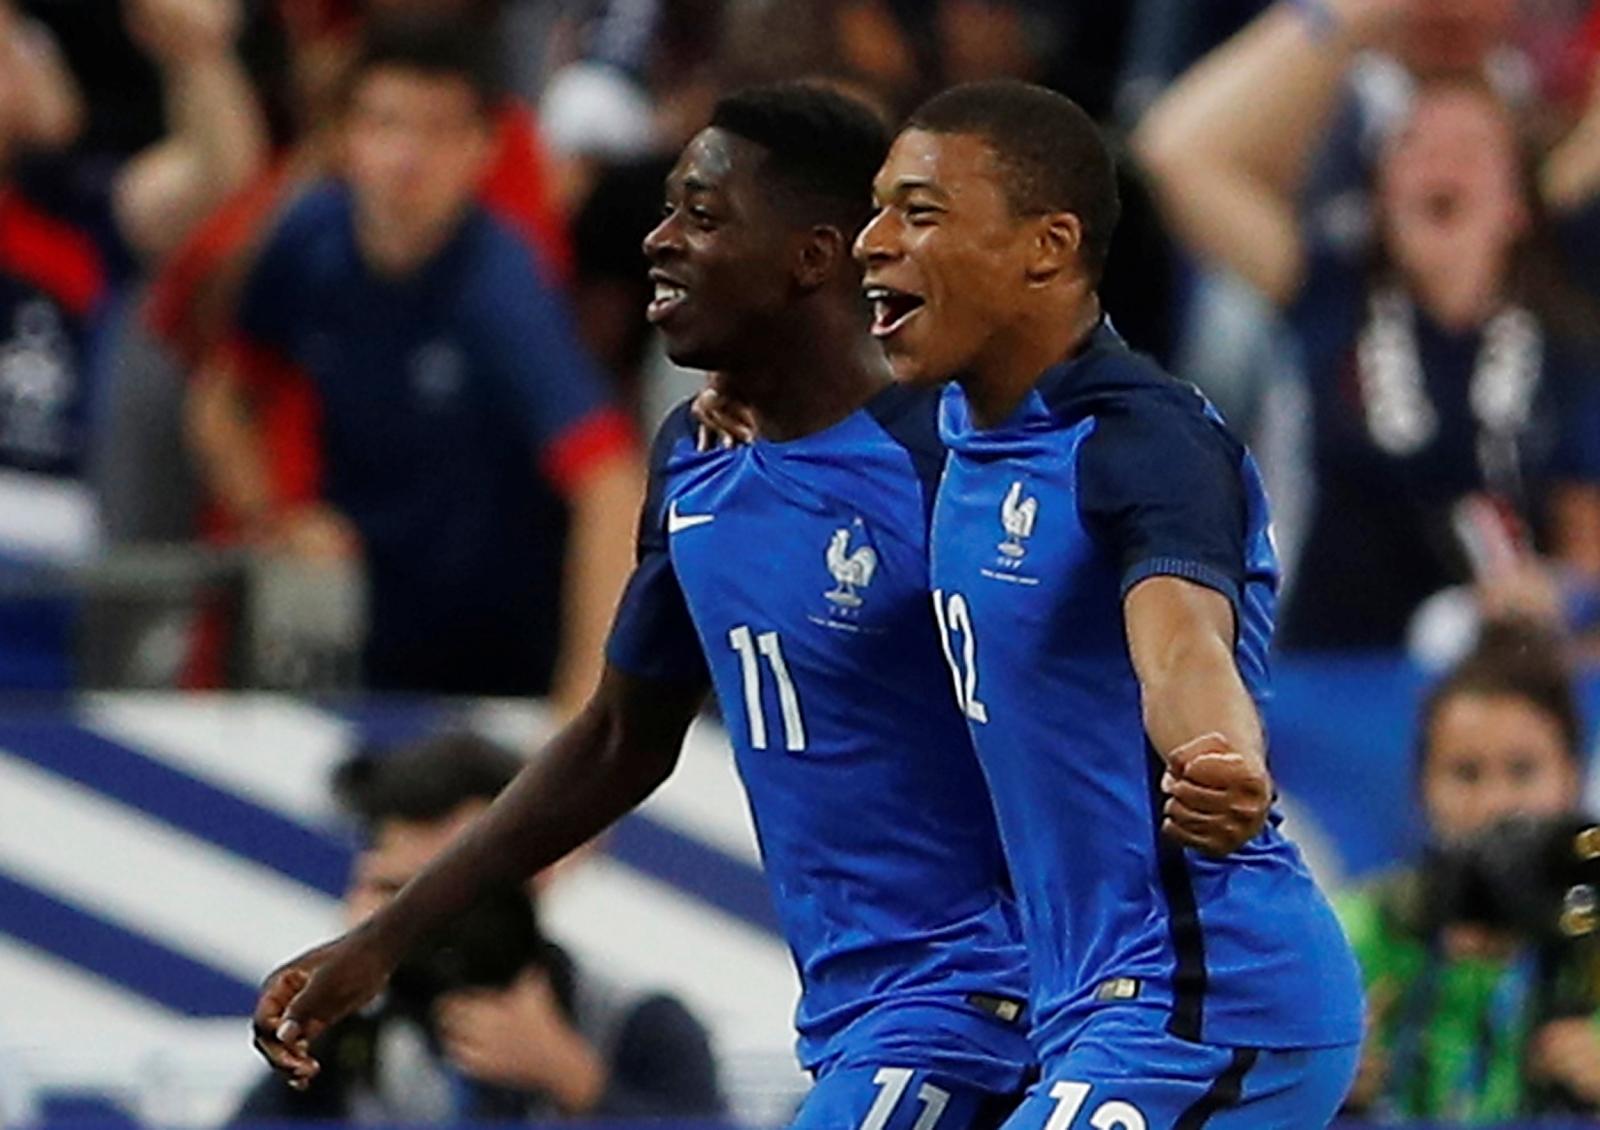 Ousmane Dembele and Kylian Mbappe